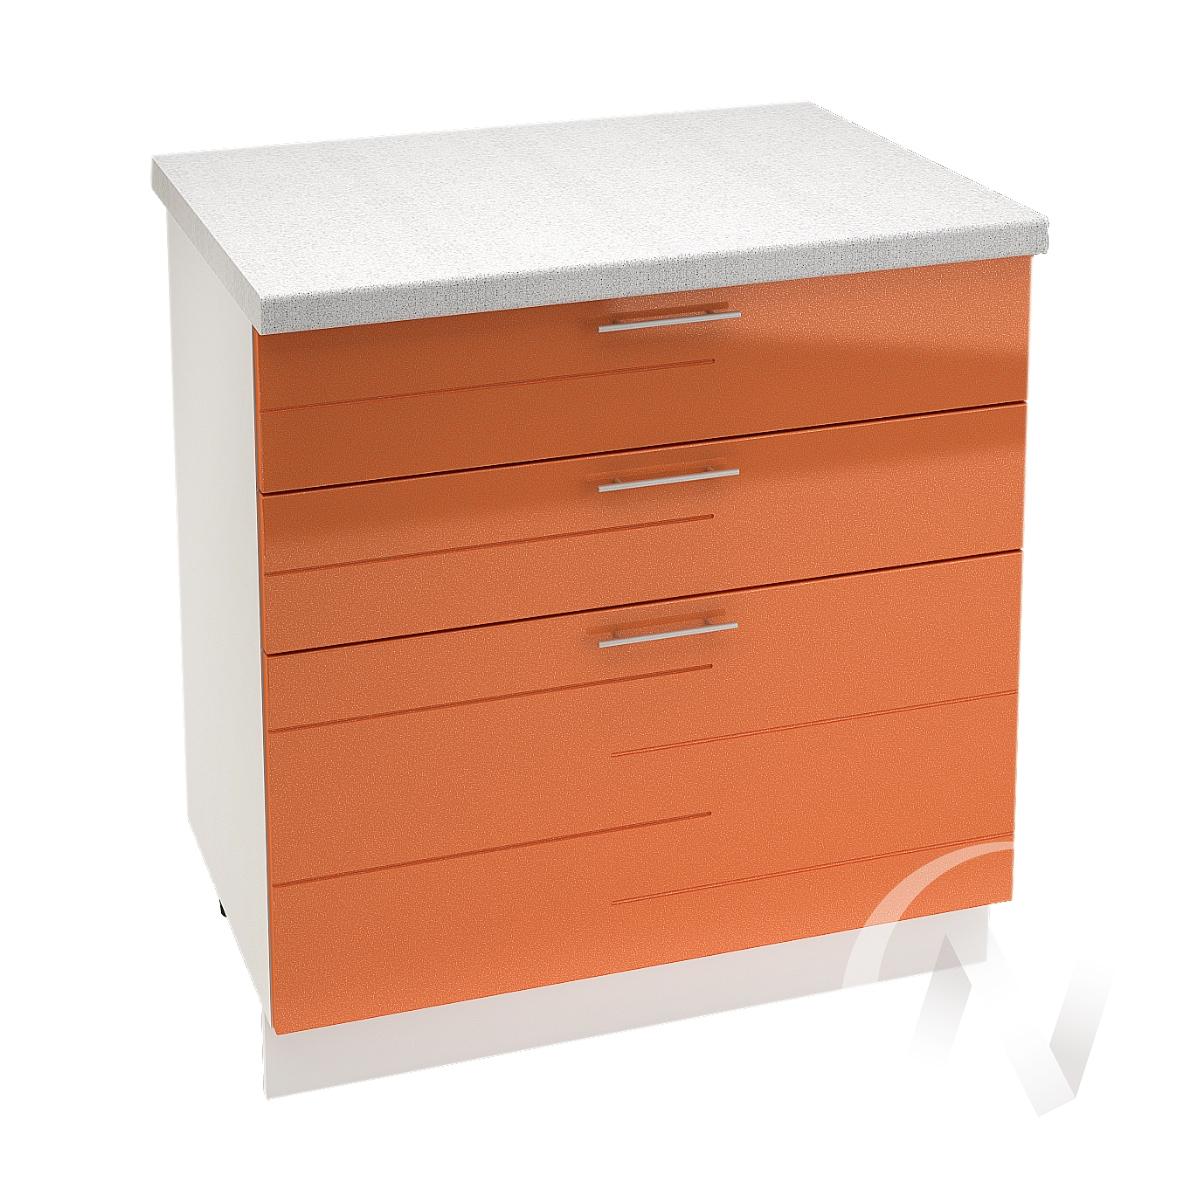 """Кухня """"Техно"""": Шкаф нижний с 3-мя ящиками 800, ШН3Я 800 (корпус белый)"""